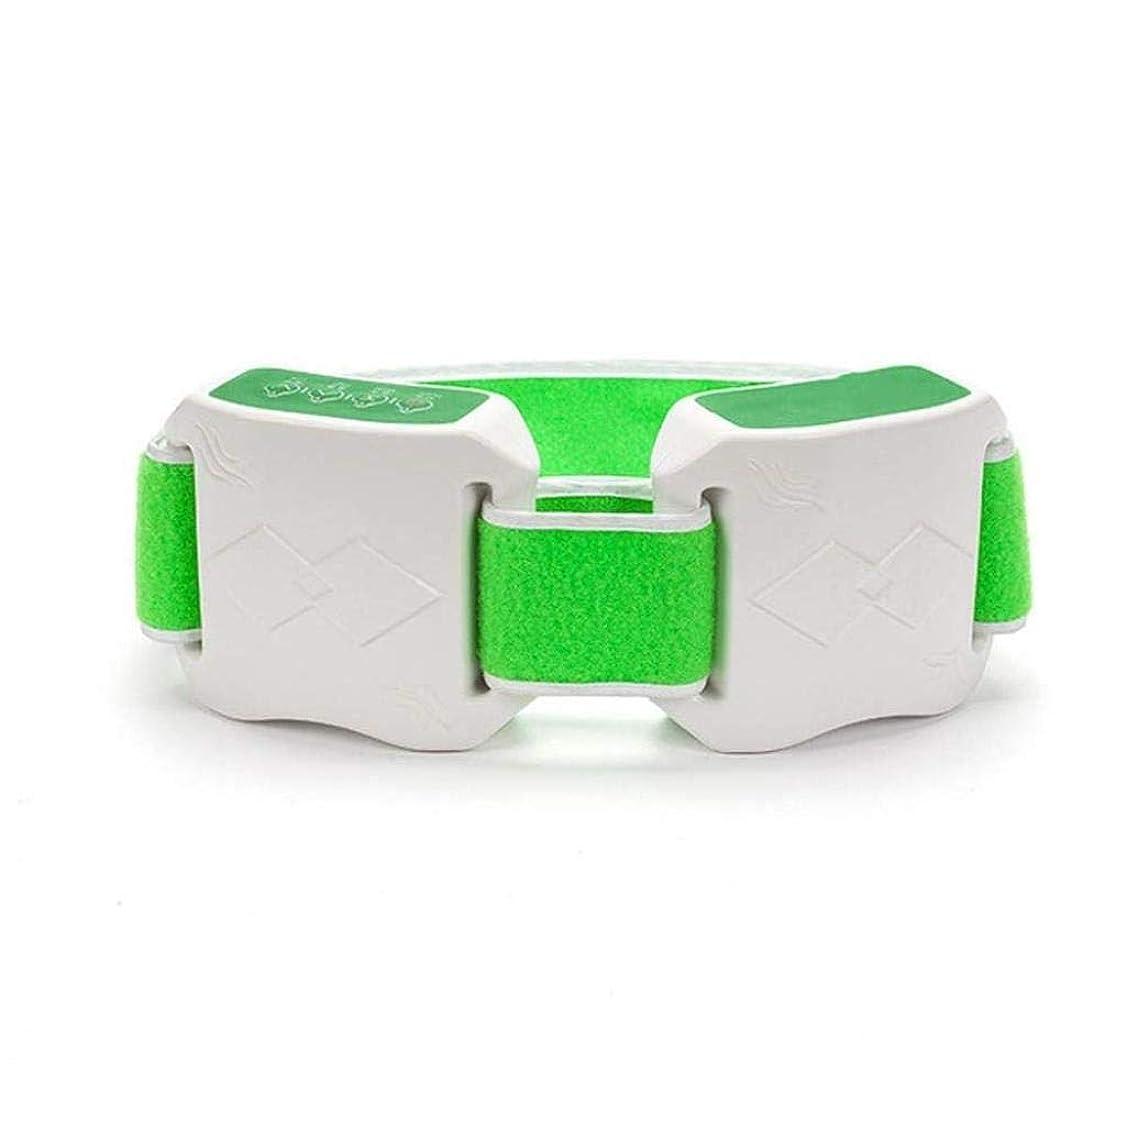 同行するマウスアフリカ減量ベルト、Slim身マシン、女性Slim身ベルト、加熱/振動燃焼脂肪ベルト、腹部減量マッサージ機 (Color : 緑)